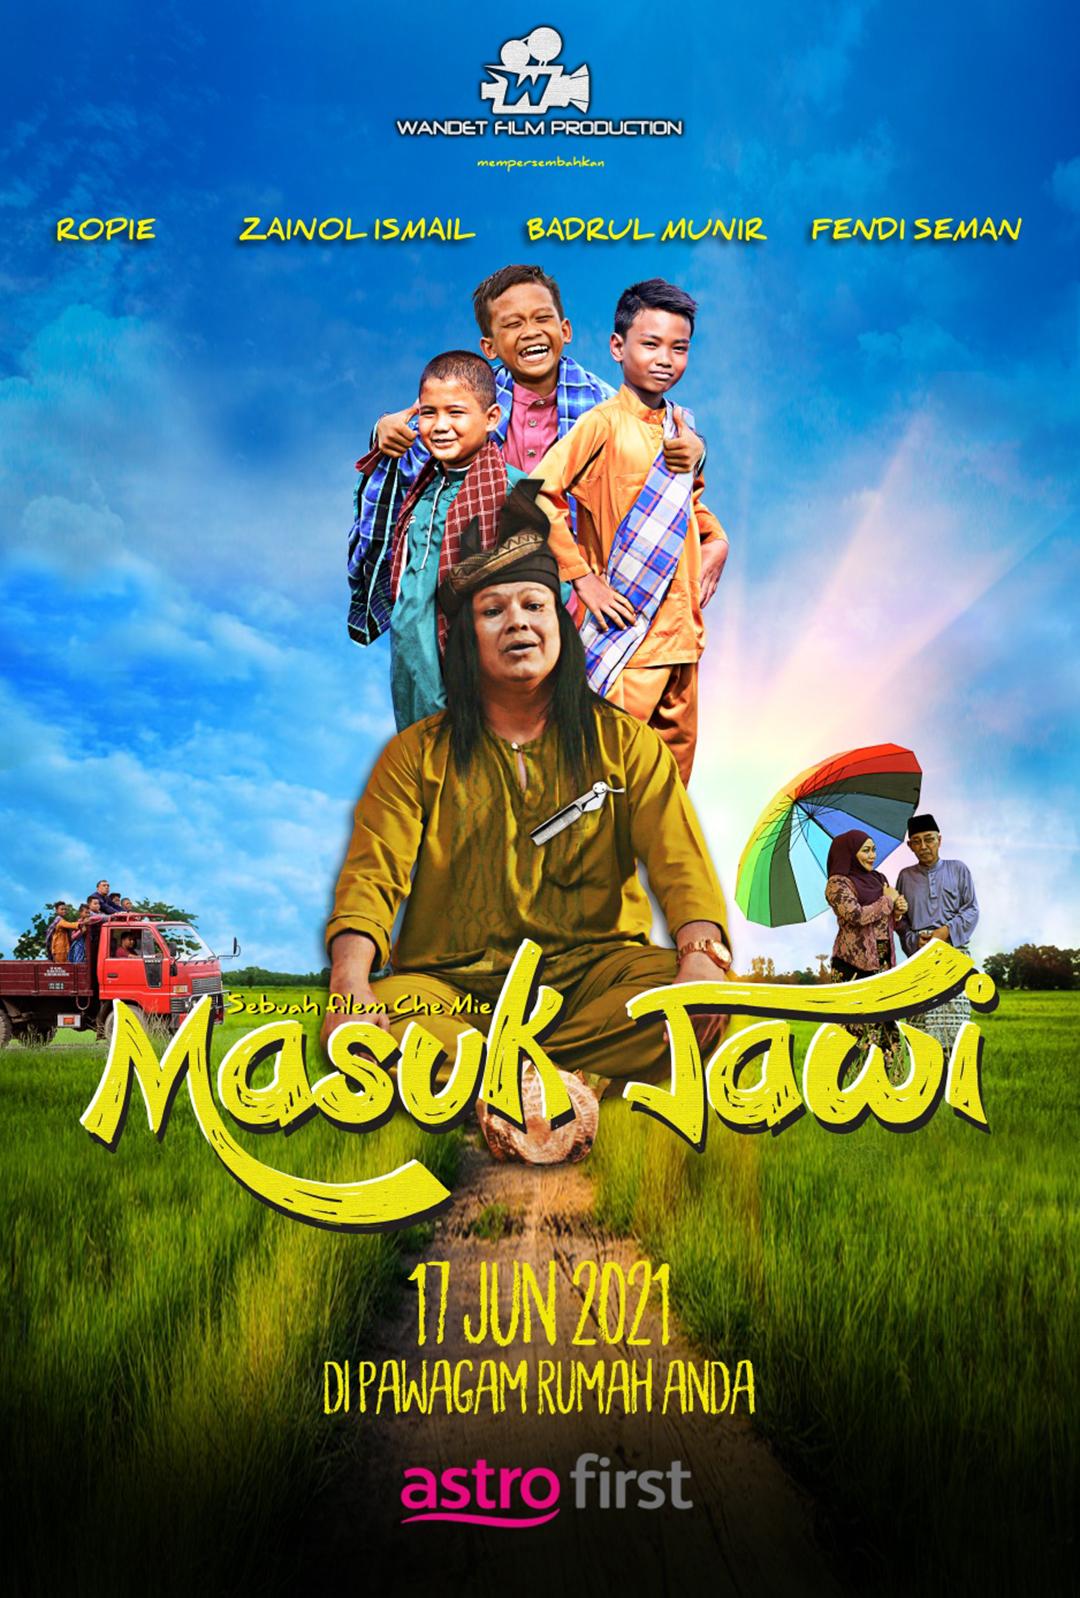 Filem Masuk Jawi Astro First 17 Jun 2021